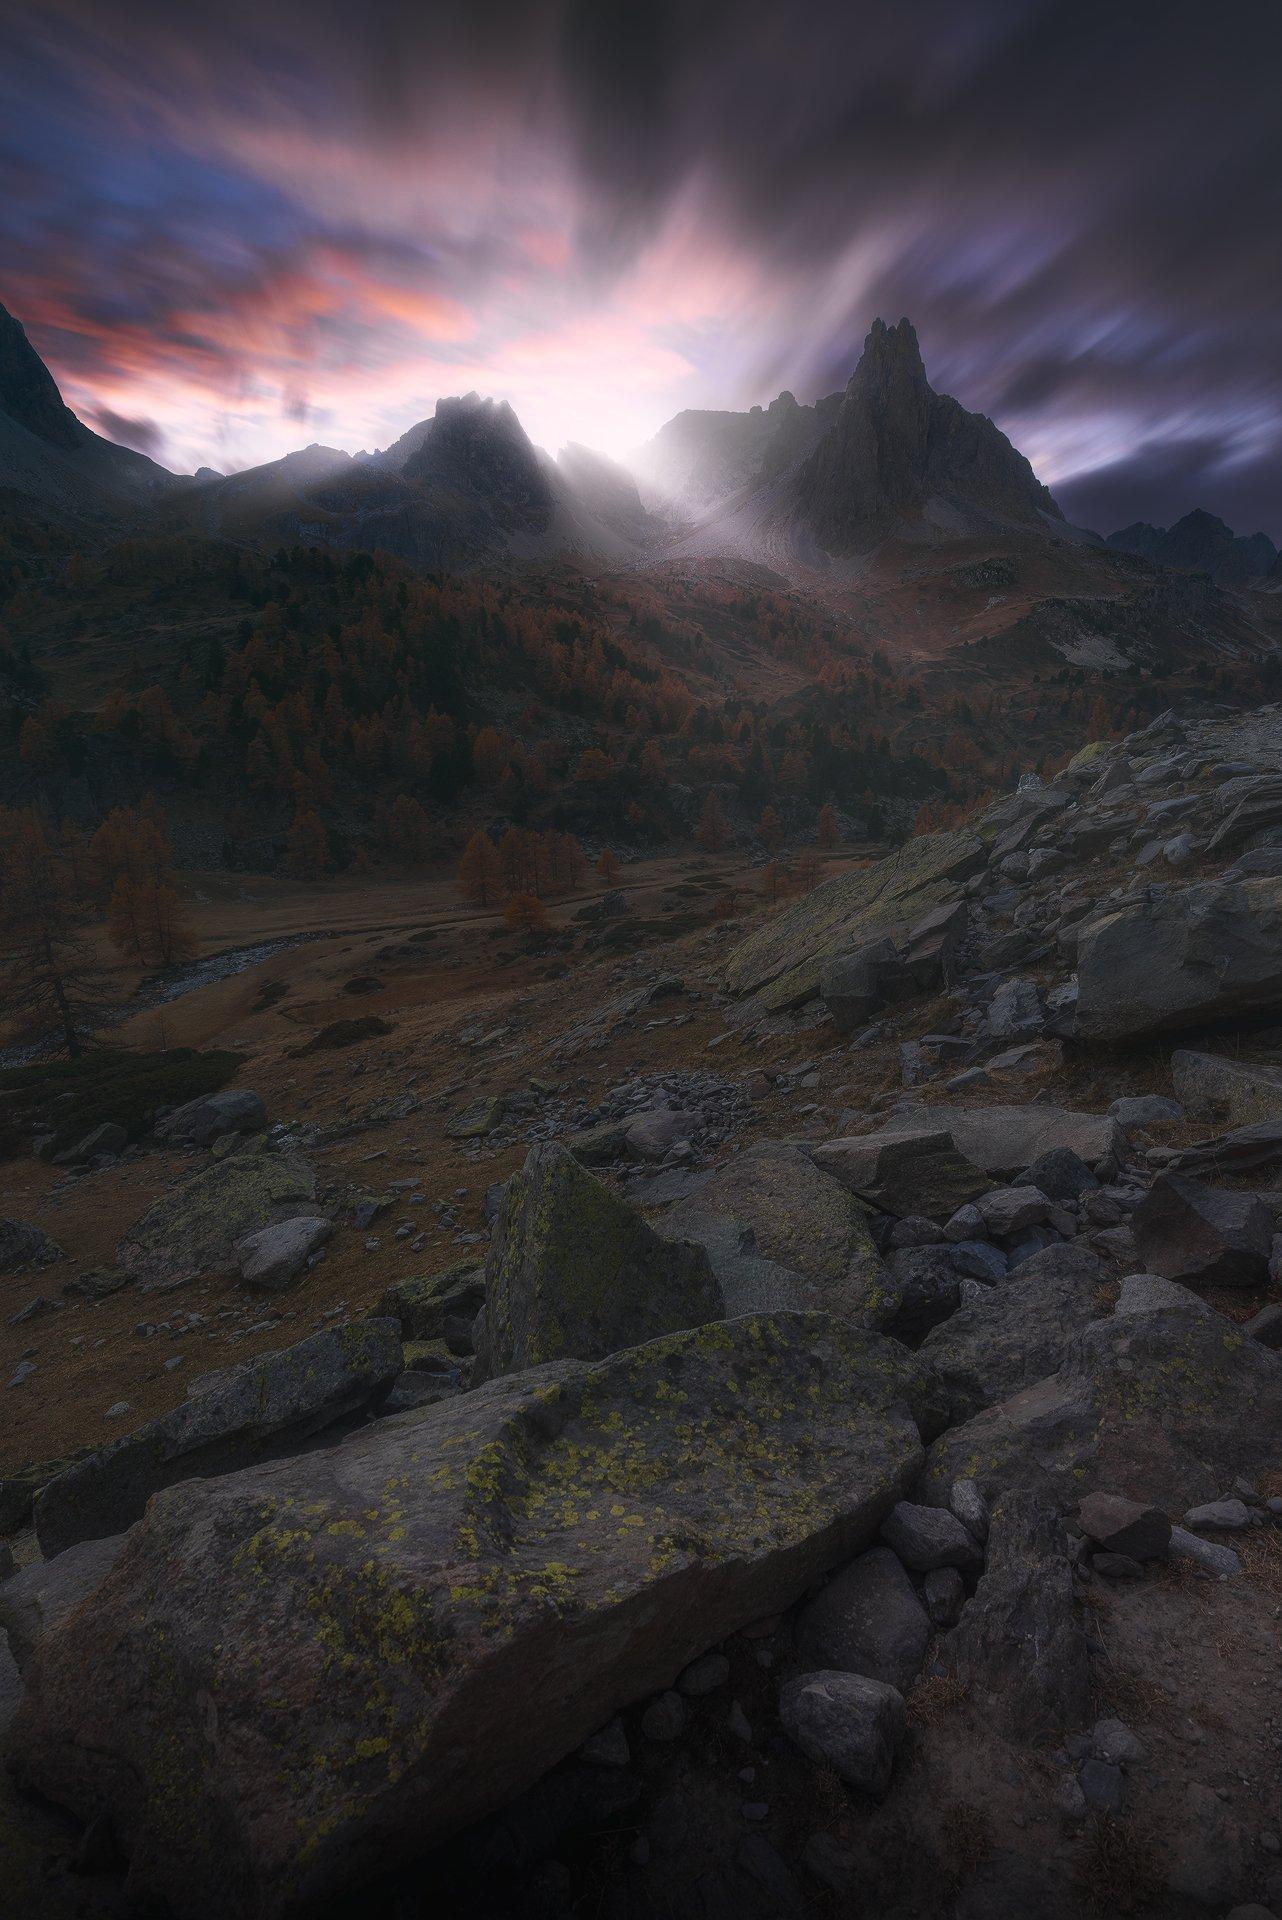 #франция, #france, #alps, #альпы, #горы, #закат, #выдержка, #красивое, #небо, #цвет, #мрачное, #настроение,#атмосфера, Бахышев Сафар